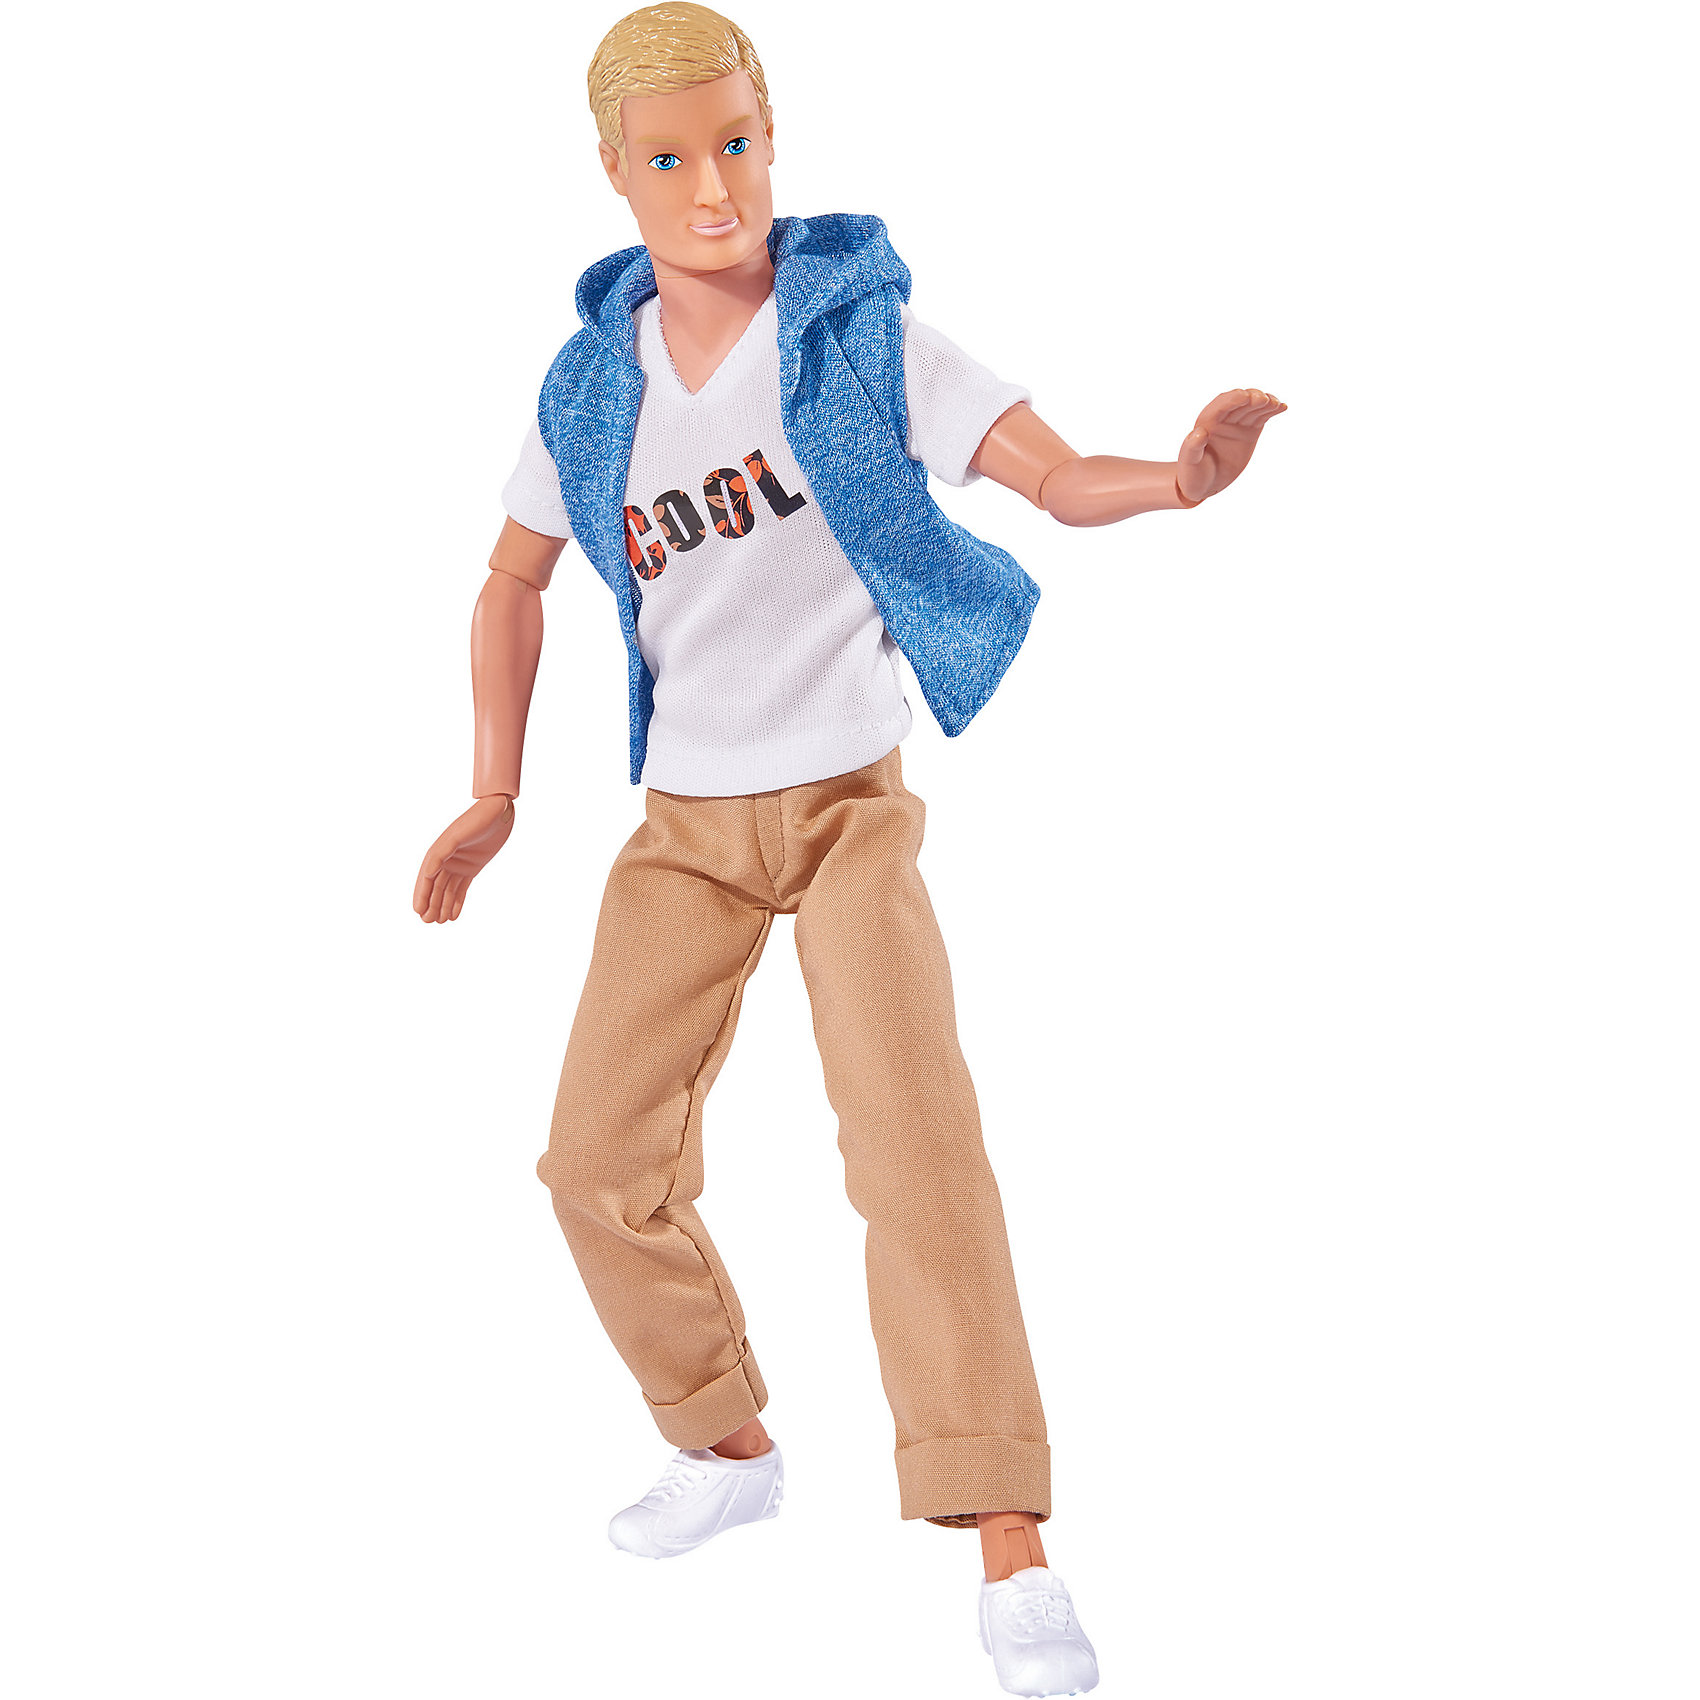 Кукла Кевин. Городская мода, 30 см, SimbaКуклы-модели<br>Характеристики товара:<br><br>• возраст от 3 лет<br>• материал: пластик, текстиль<br>• высота куклы 30 см<br>• руки и ноги подвижны<br>• размер упаковки 32,8х12,4х5,3 см<br>• страна бренда: Германия<br>• страна производитель: Китай<br><br>Кукла Кевин Городская мода Simba поможет девочке разнообразить ролевые игры, придумать сюжеты и истории, развивая воображение и фантазию. Кевин одет в городском модном стиле. Он носит коричневые брюки, белую футболку с надписью и голубую жилетку. Руки и ноги куклы подвижны. Одежду можно снять и придумать Кевину другой образ. <br><br>Куклу Кевин Городская мода Simba можно приобрести в нашем интернет-магазине.<br><br>Ширина мм: 120<br>Глубина мм: 50<br>Высота мм: 325<br>Вес г: 259<br>Возраст от месяцев: 36<br>Возраст до месяцев: 72<br>Пол: Женский<br>Возраст: Детский<br>SKU: 5544437